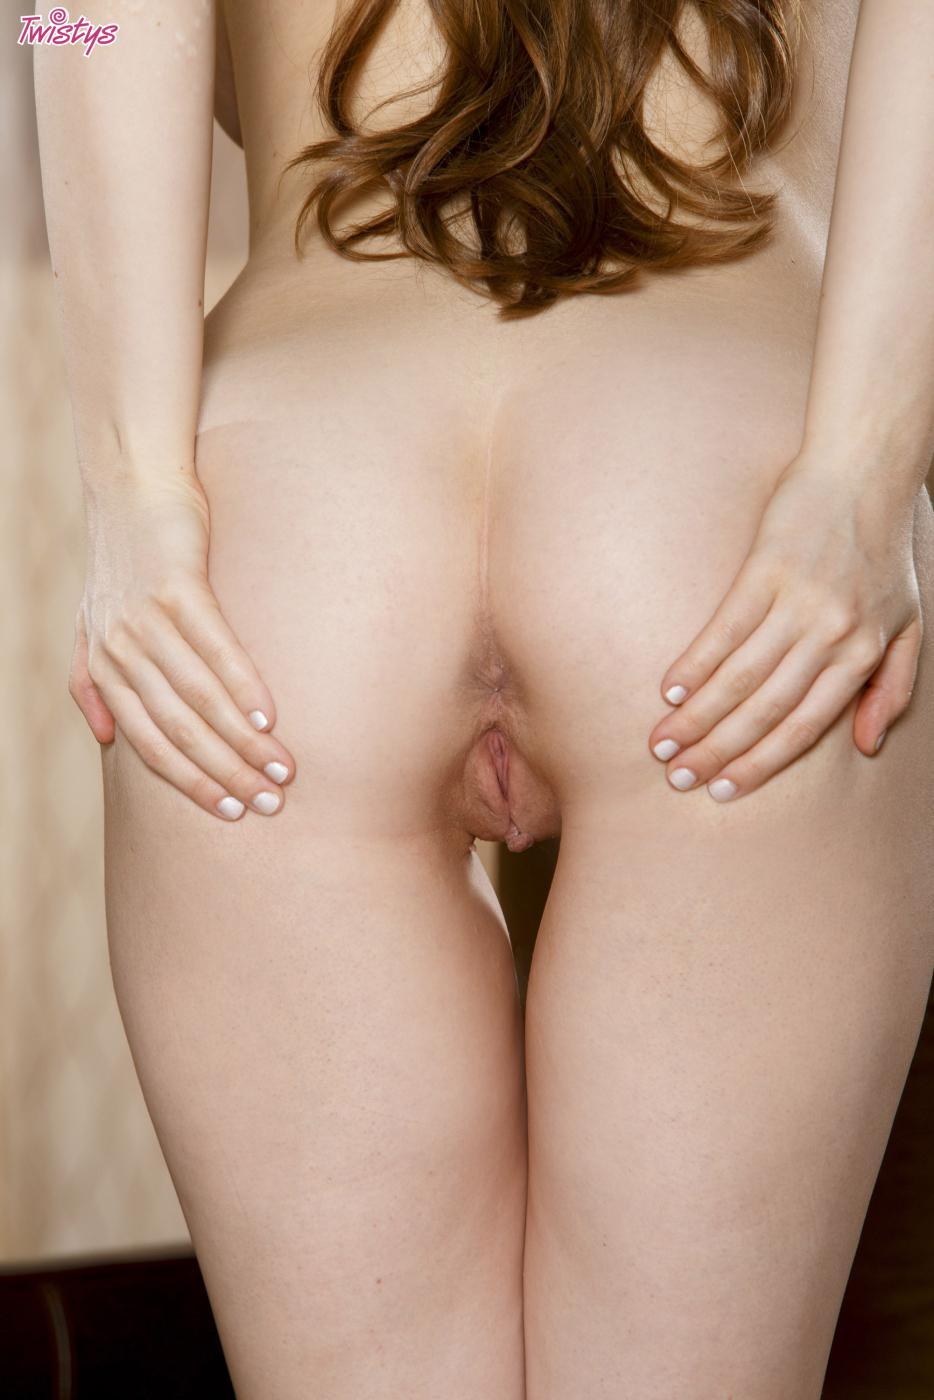 Непослушная красотка Jessi June приглашает тебя посмотреть свою роскошную вагину, которую она мастурбирует пальчиками